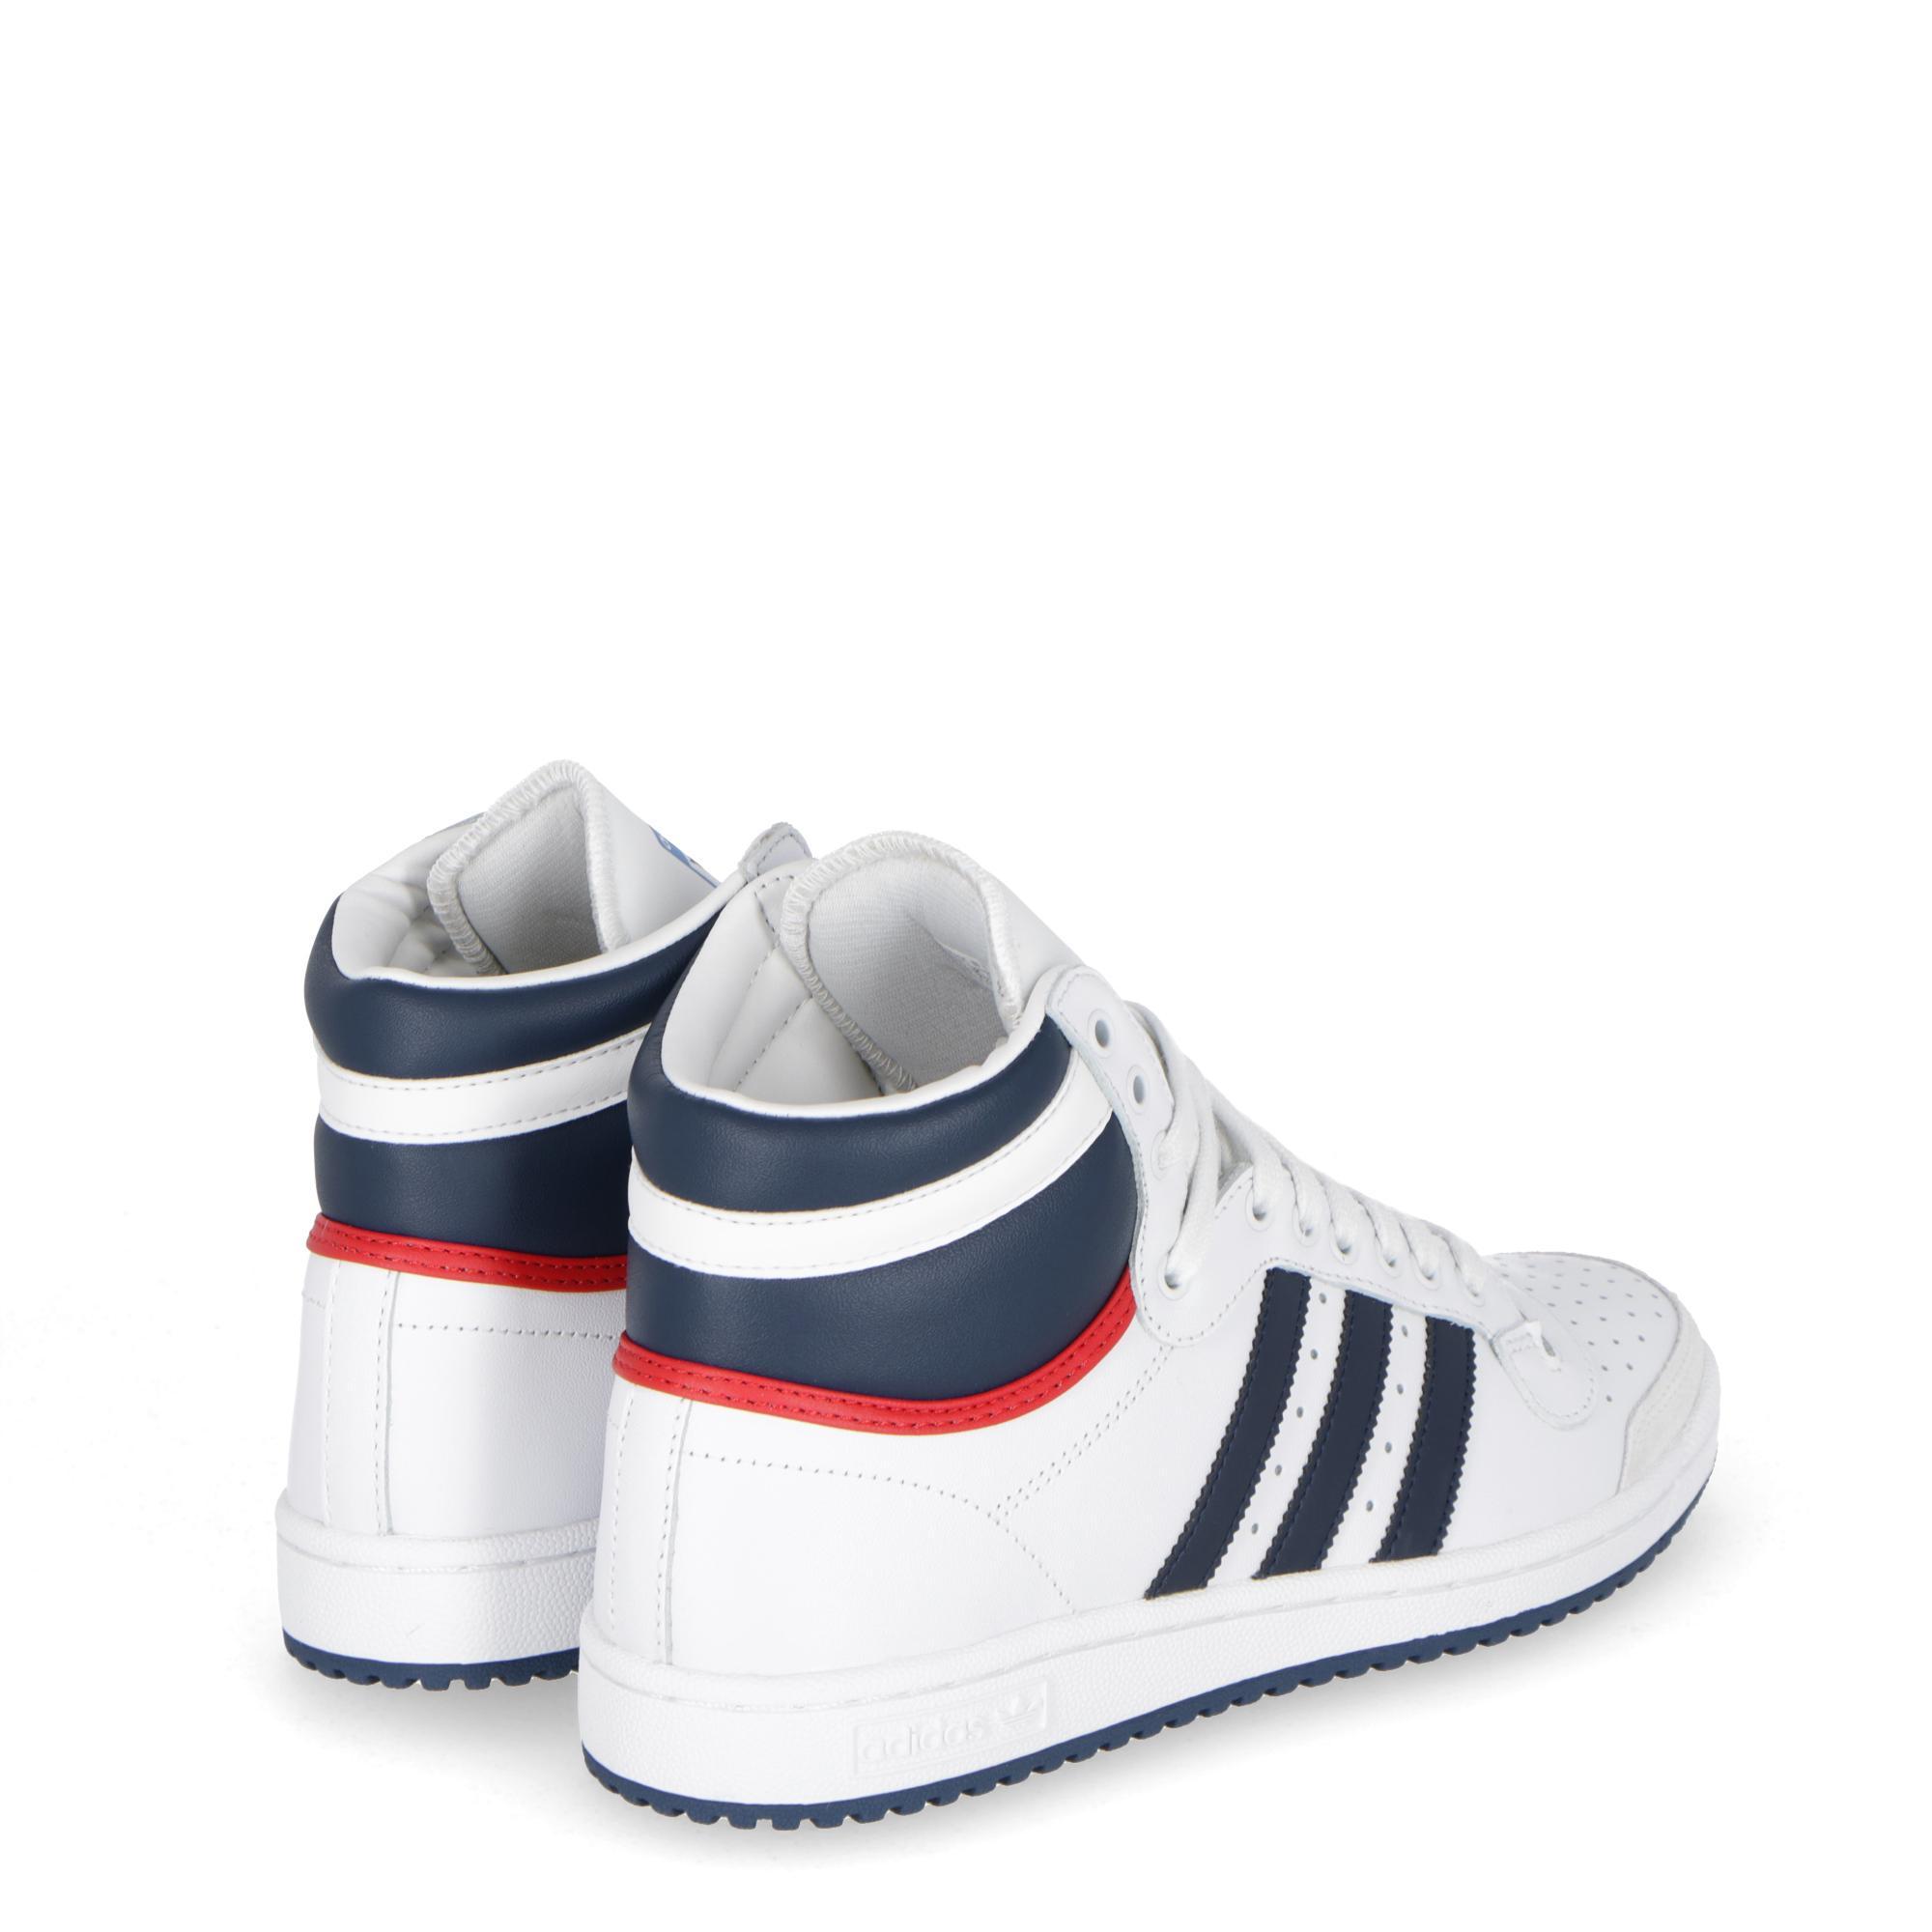 more photos b2d11 5e05a Adidas Top Ten Hi Neo white navy collegiate RED